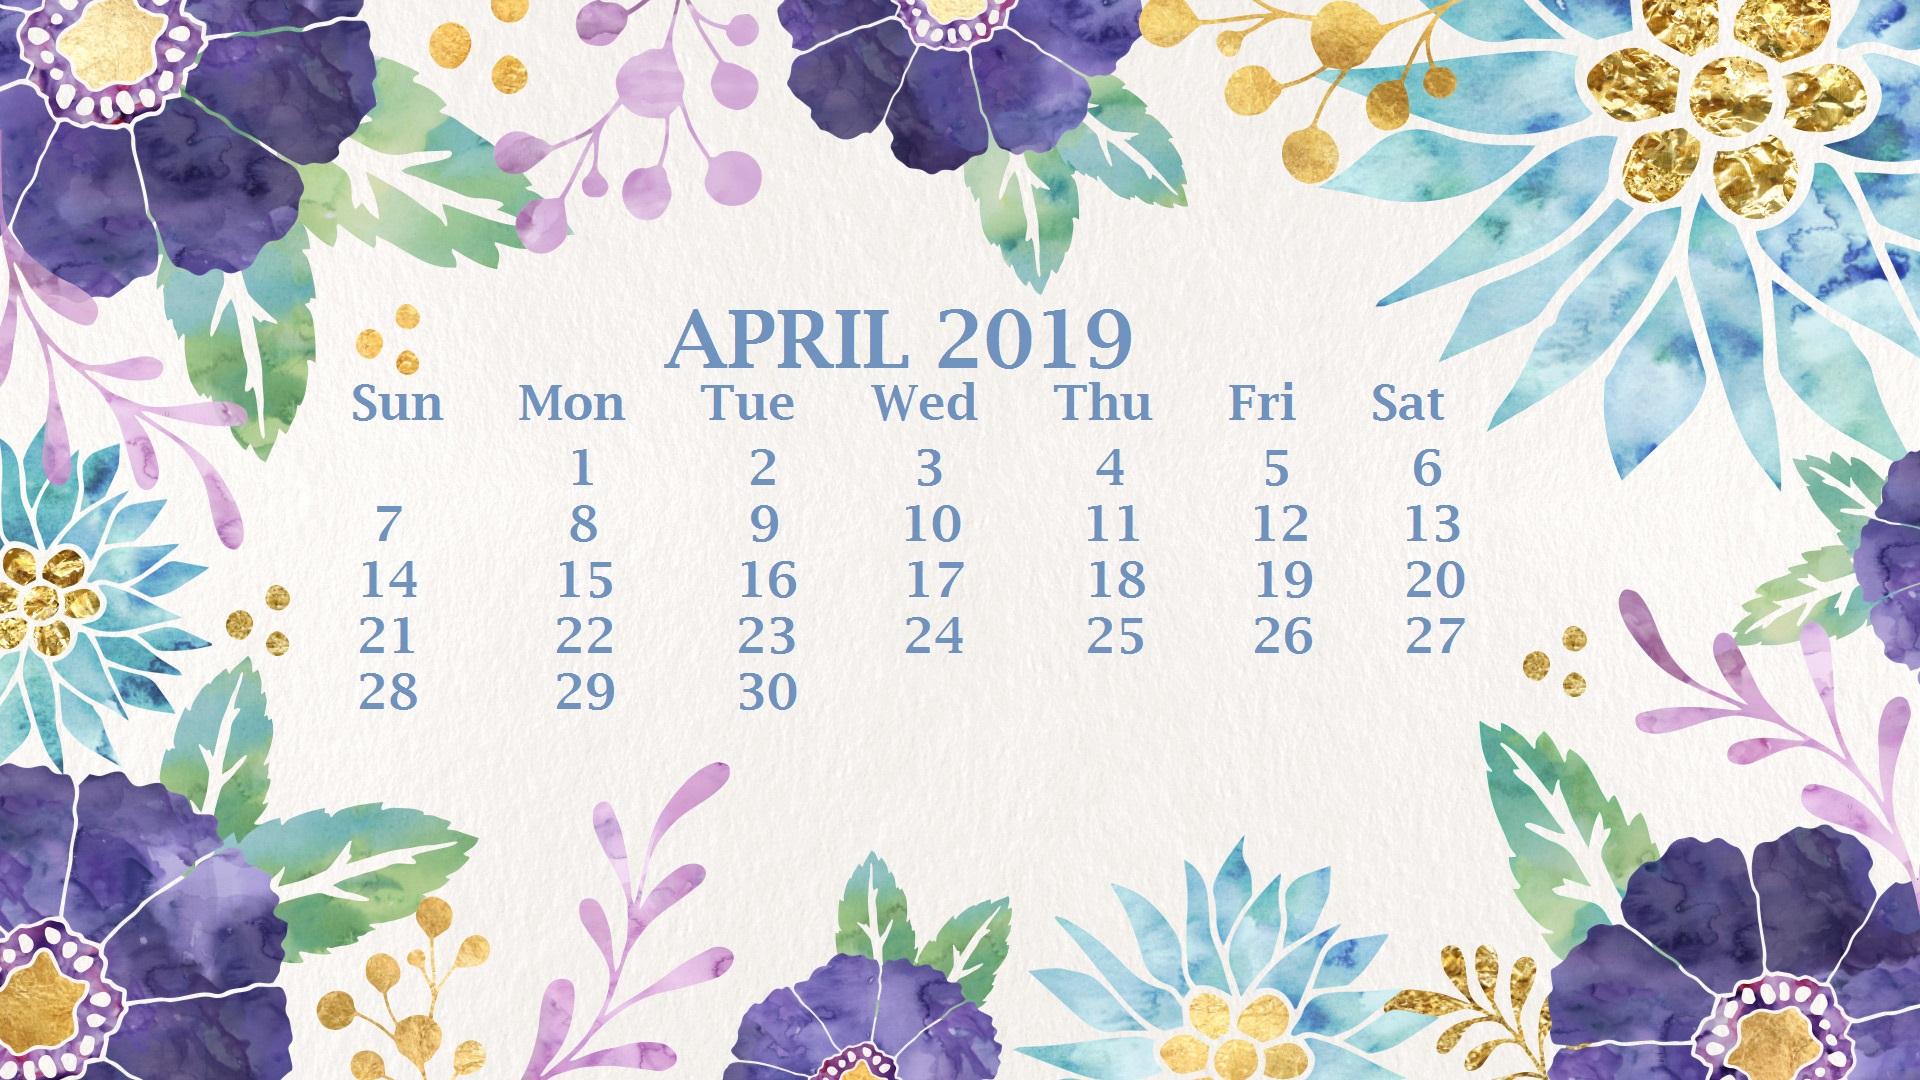 April 2019 Hd Wallpaper Calendar Watercolor April 2019 - April Desktop Wallpaper 2019 , HD Wallpaper & Backgrounds